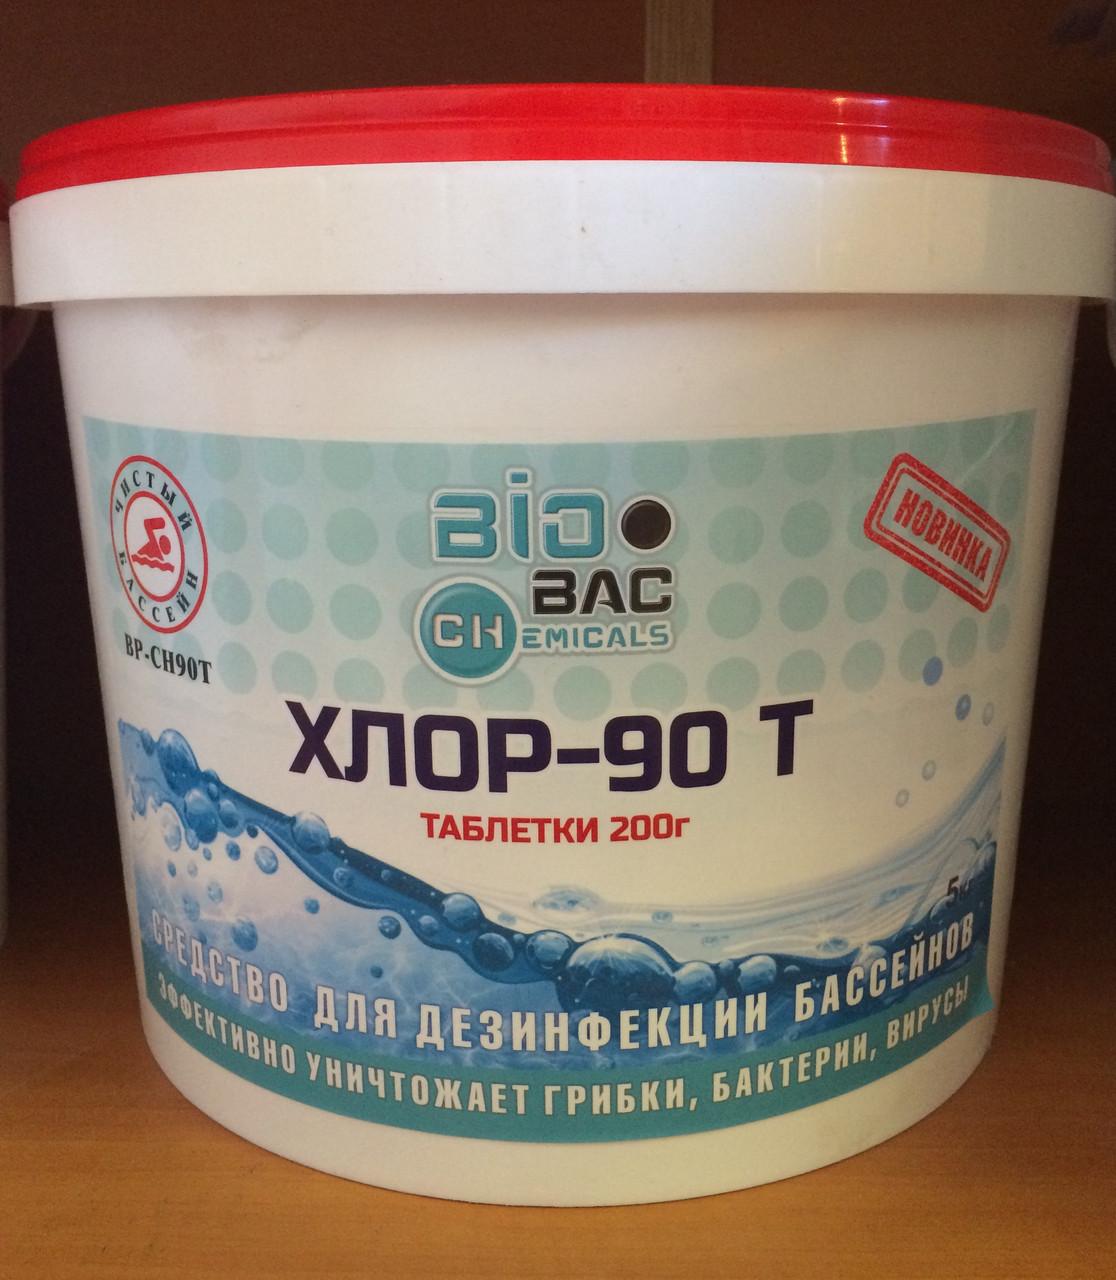 Для дезинфекции бассейнов Хлор 90 Т (медленный)